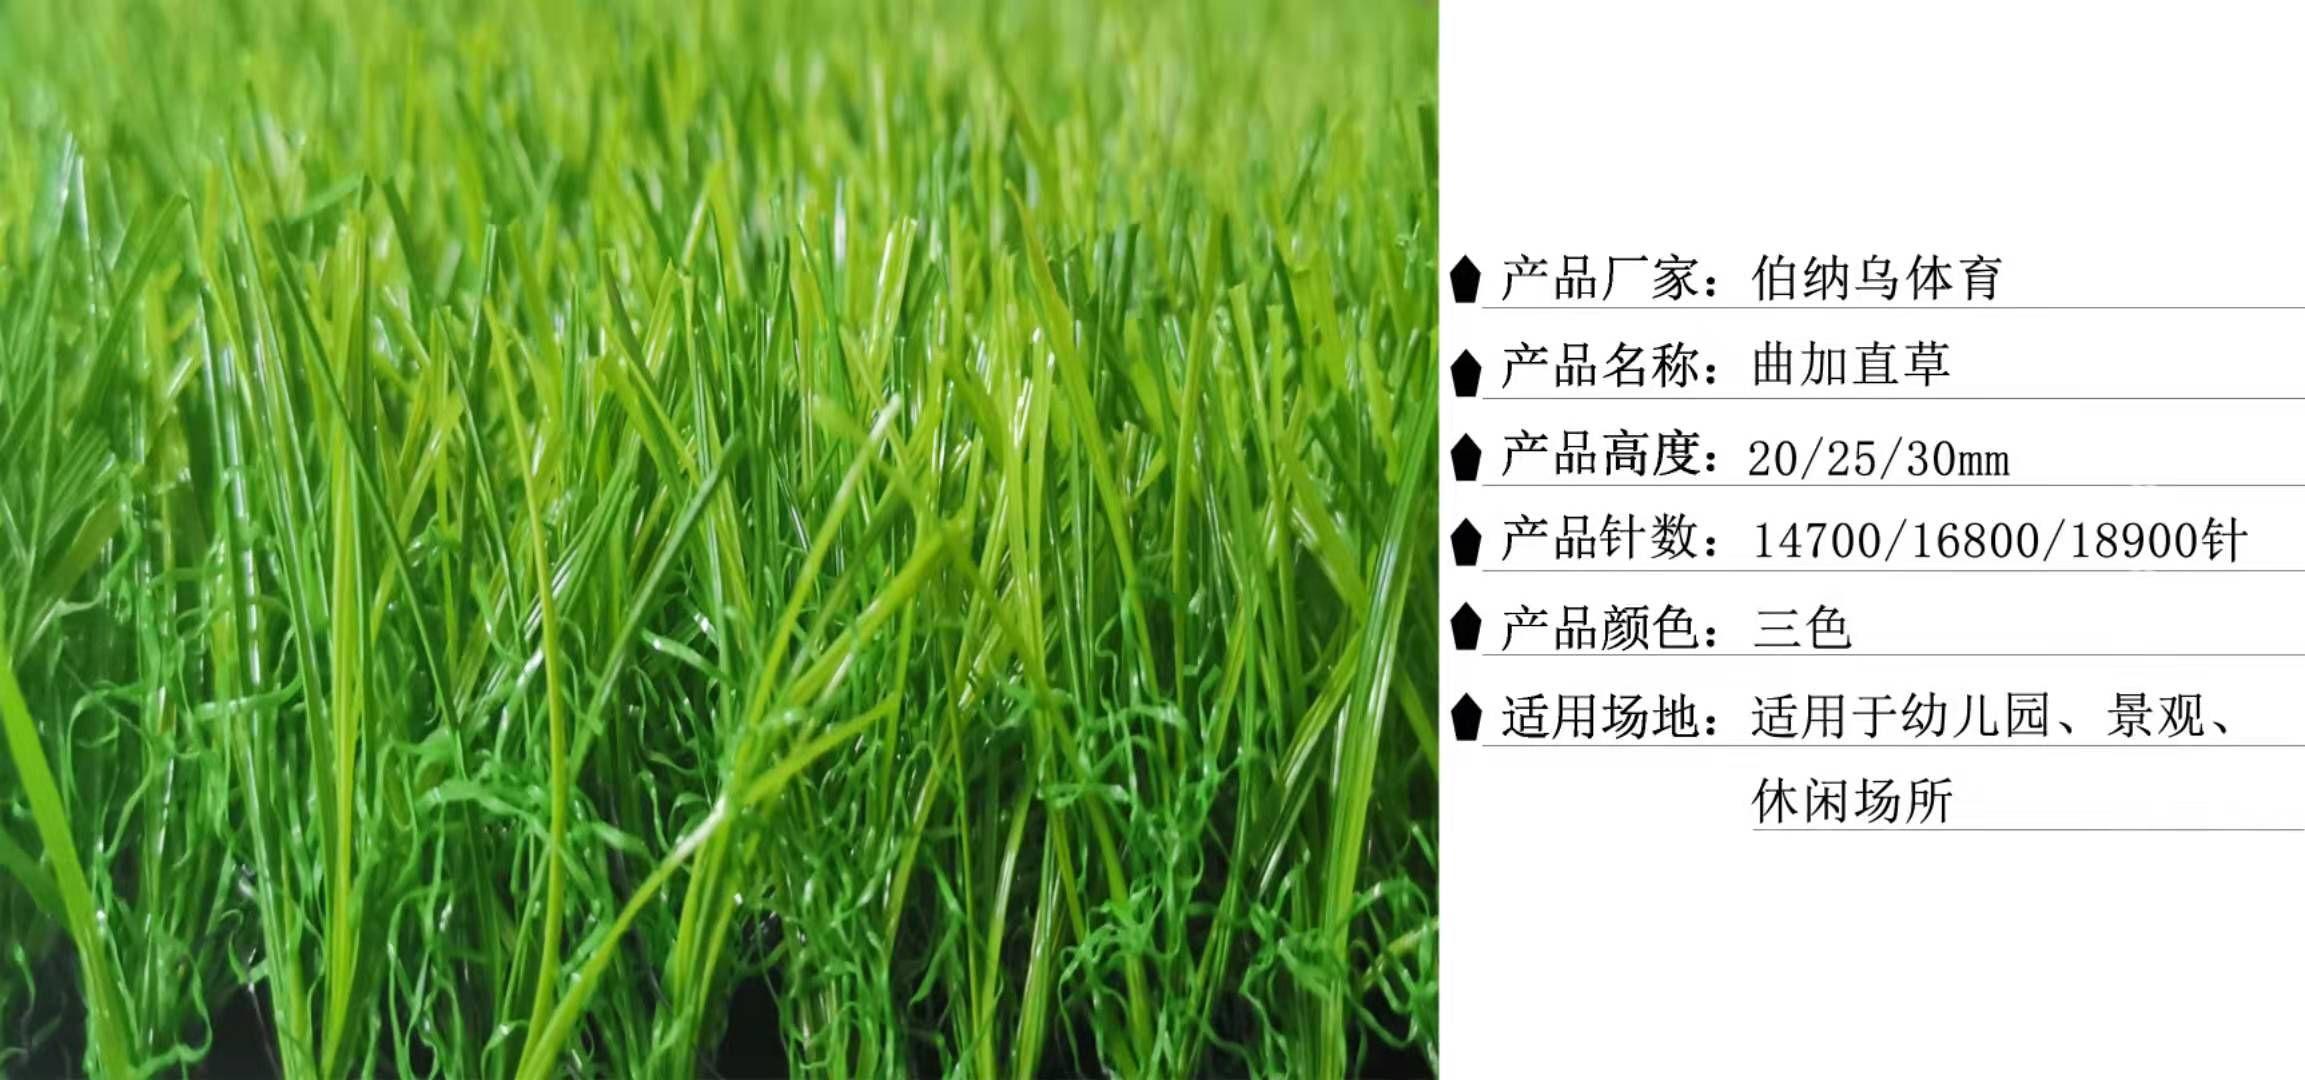 人造草坪,悬浮拼装地板,硅PU,塑胶跑道,预制型卷材